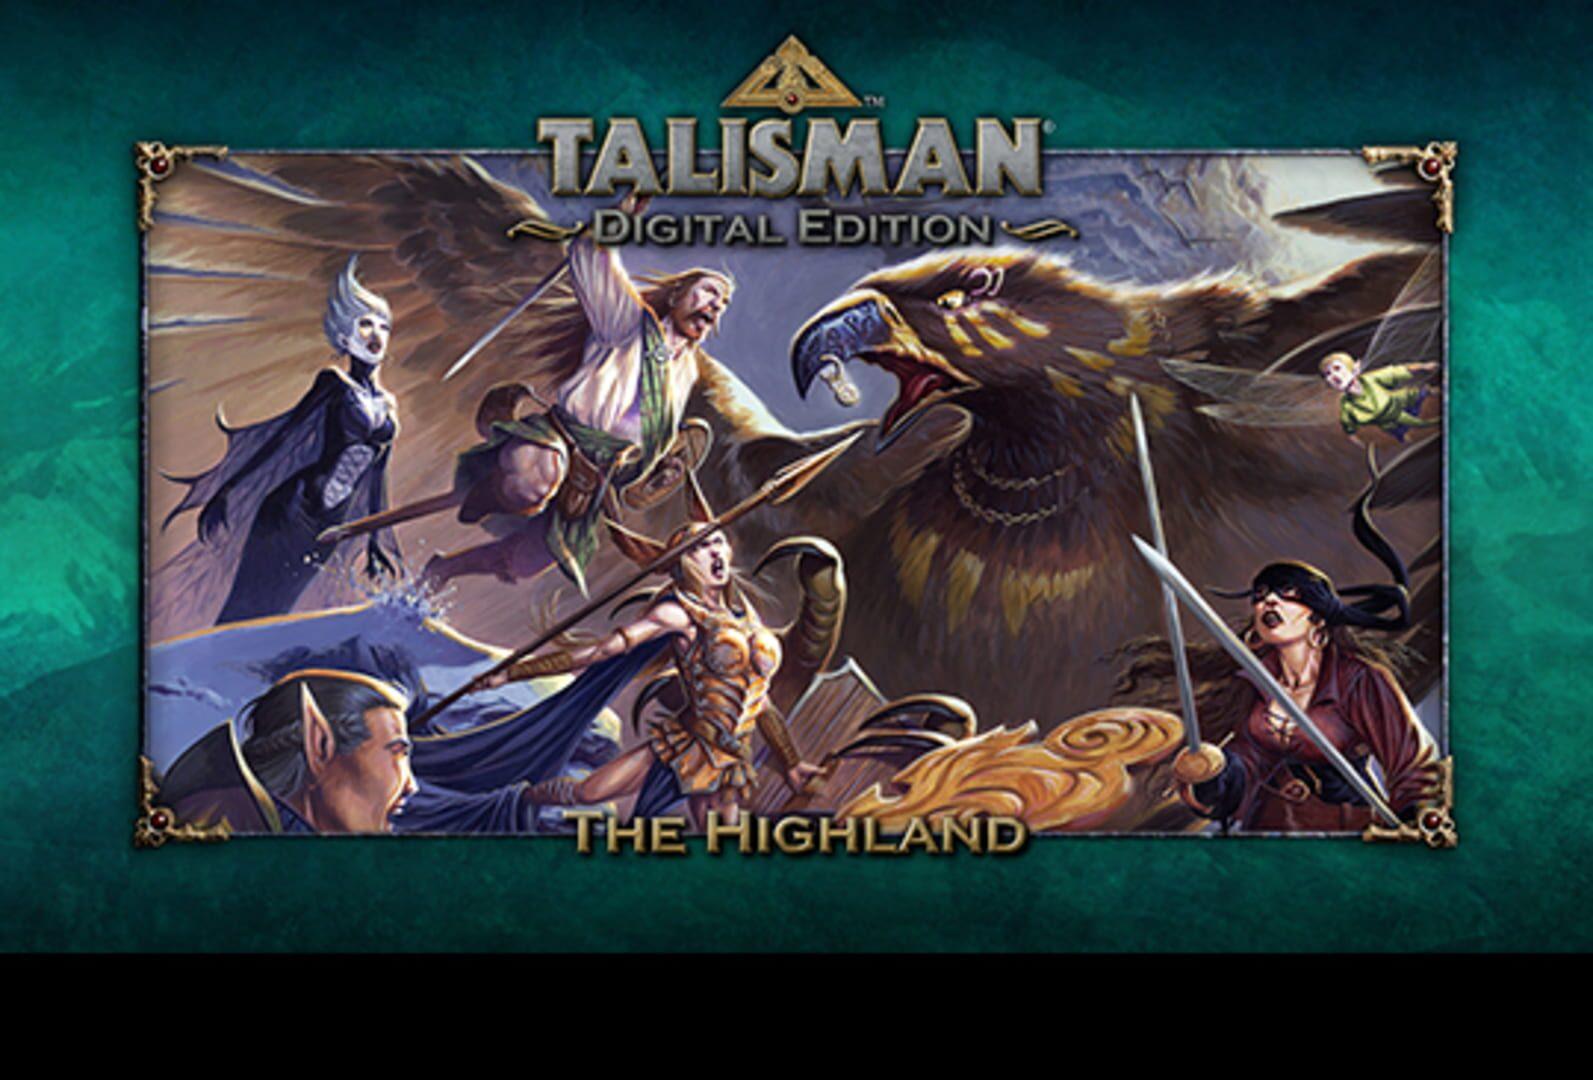 buy Talisman: Digital Edition - The Highland cd key for all platform